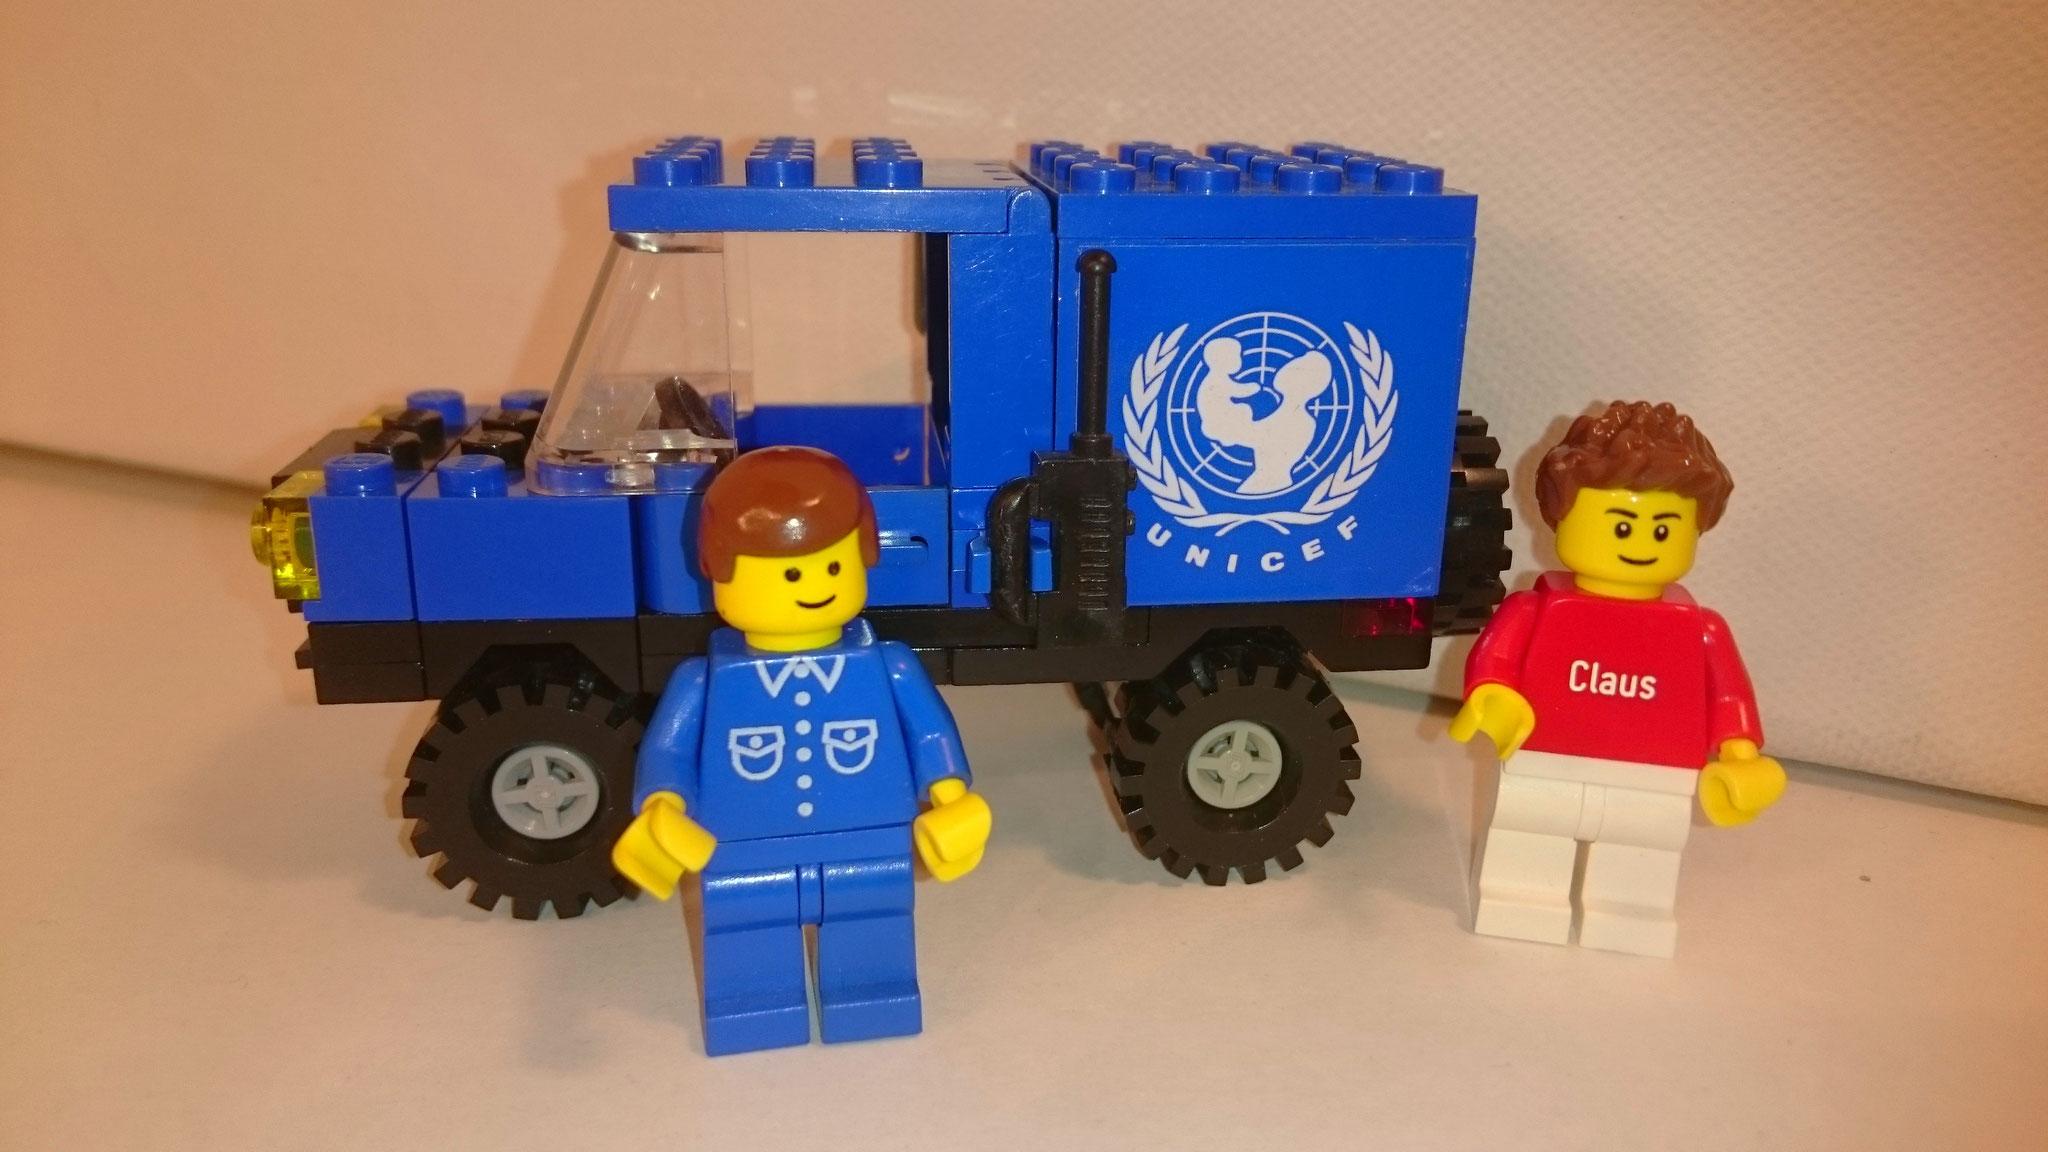 106 - UNICEF Van